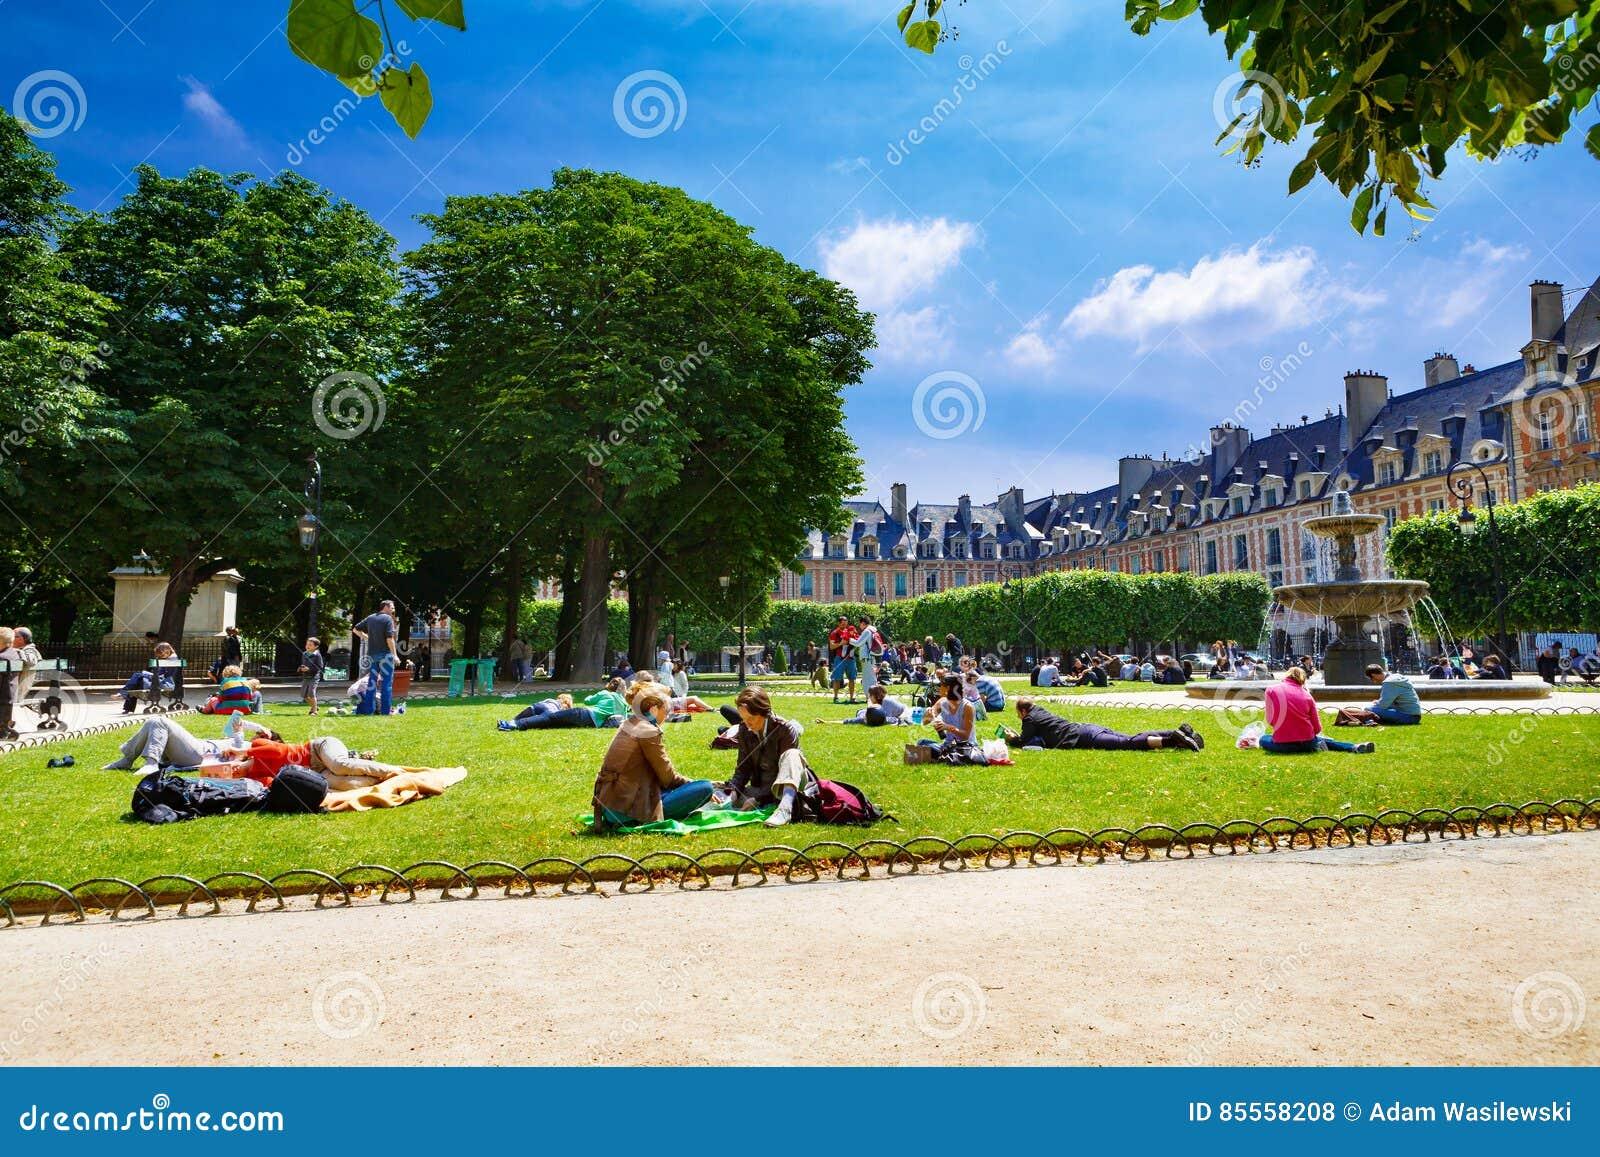 Paris, Frankreich, Platz-DES Vosges - 06 12 2010: stillstehende Leute und